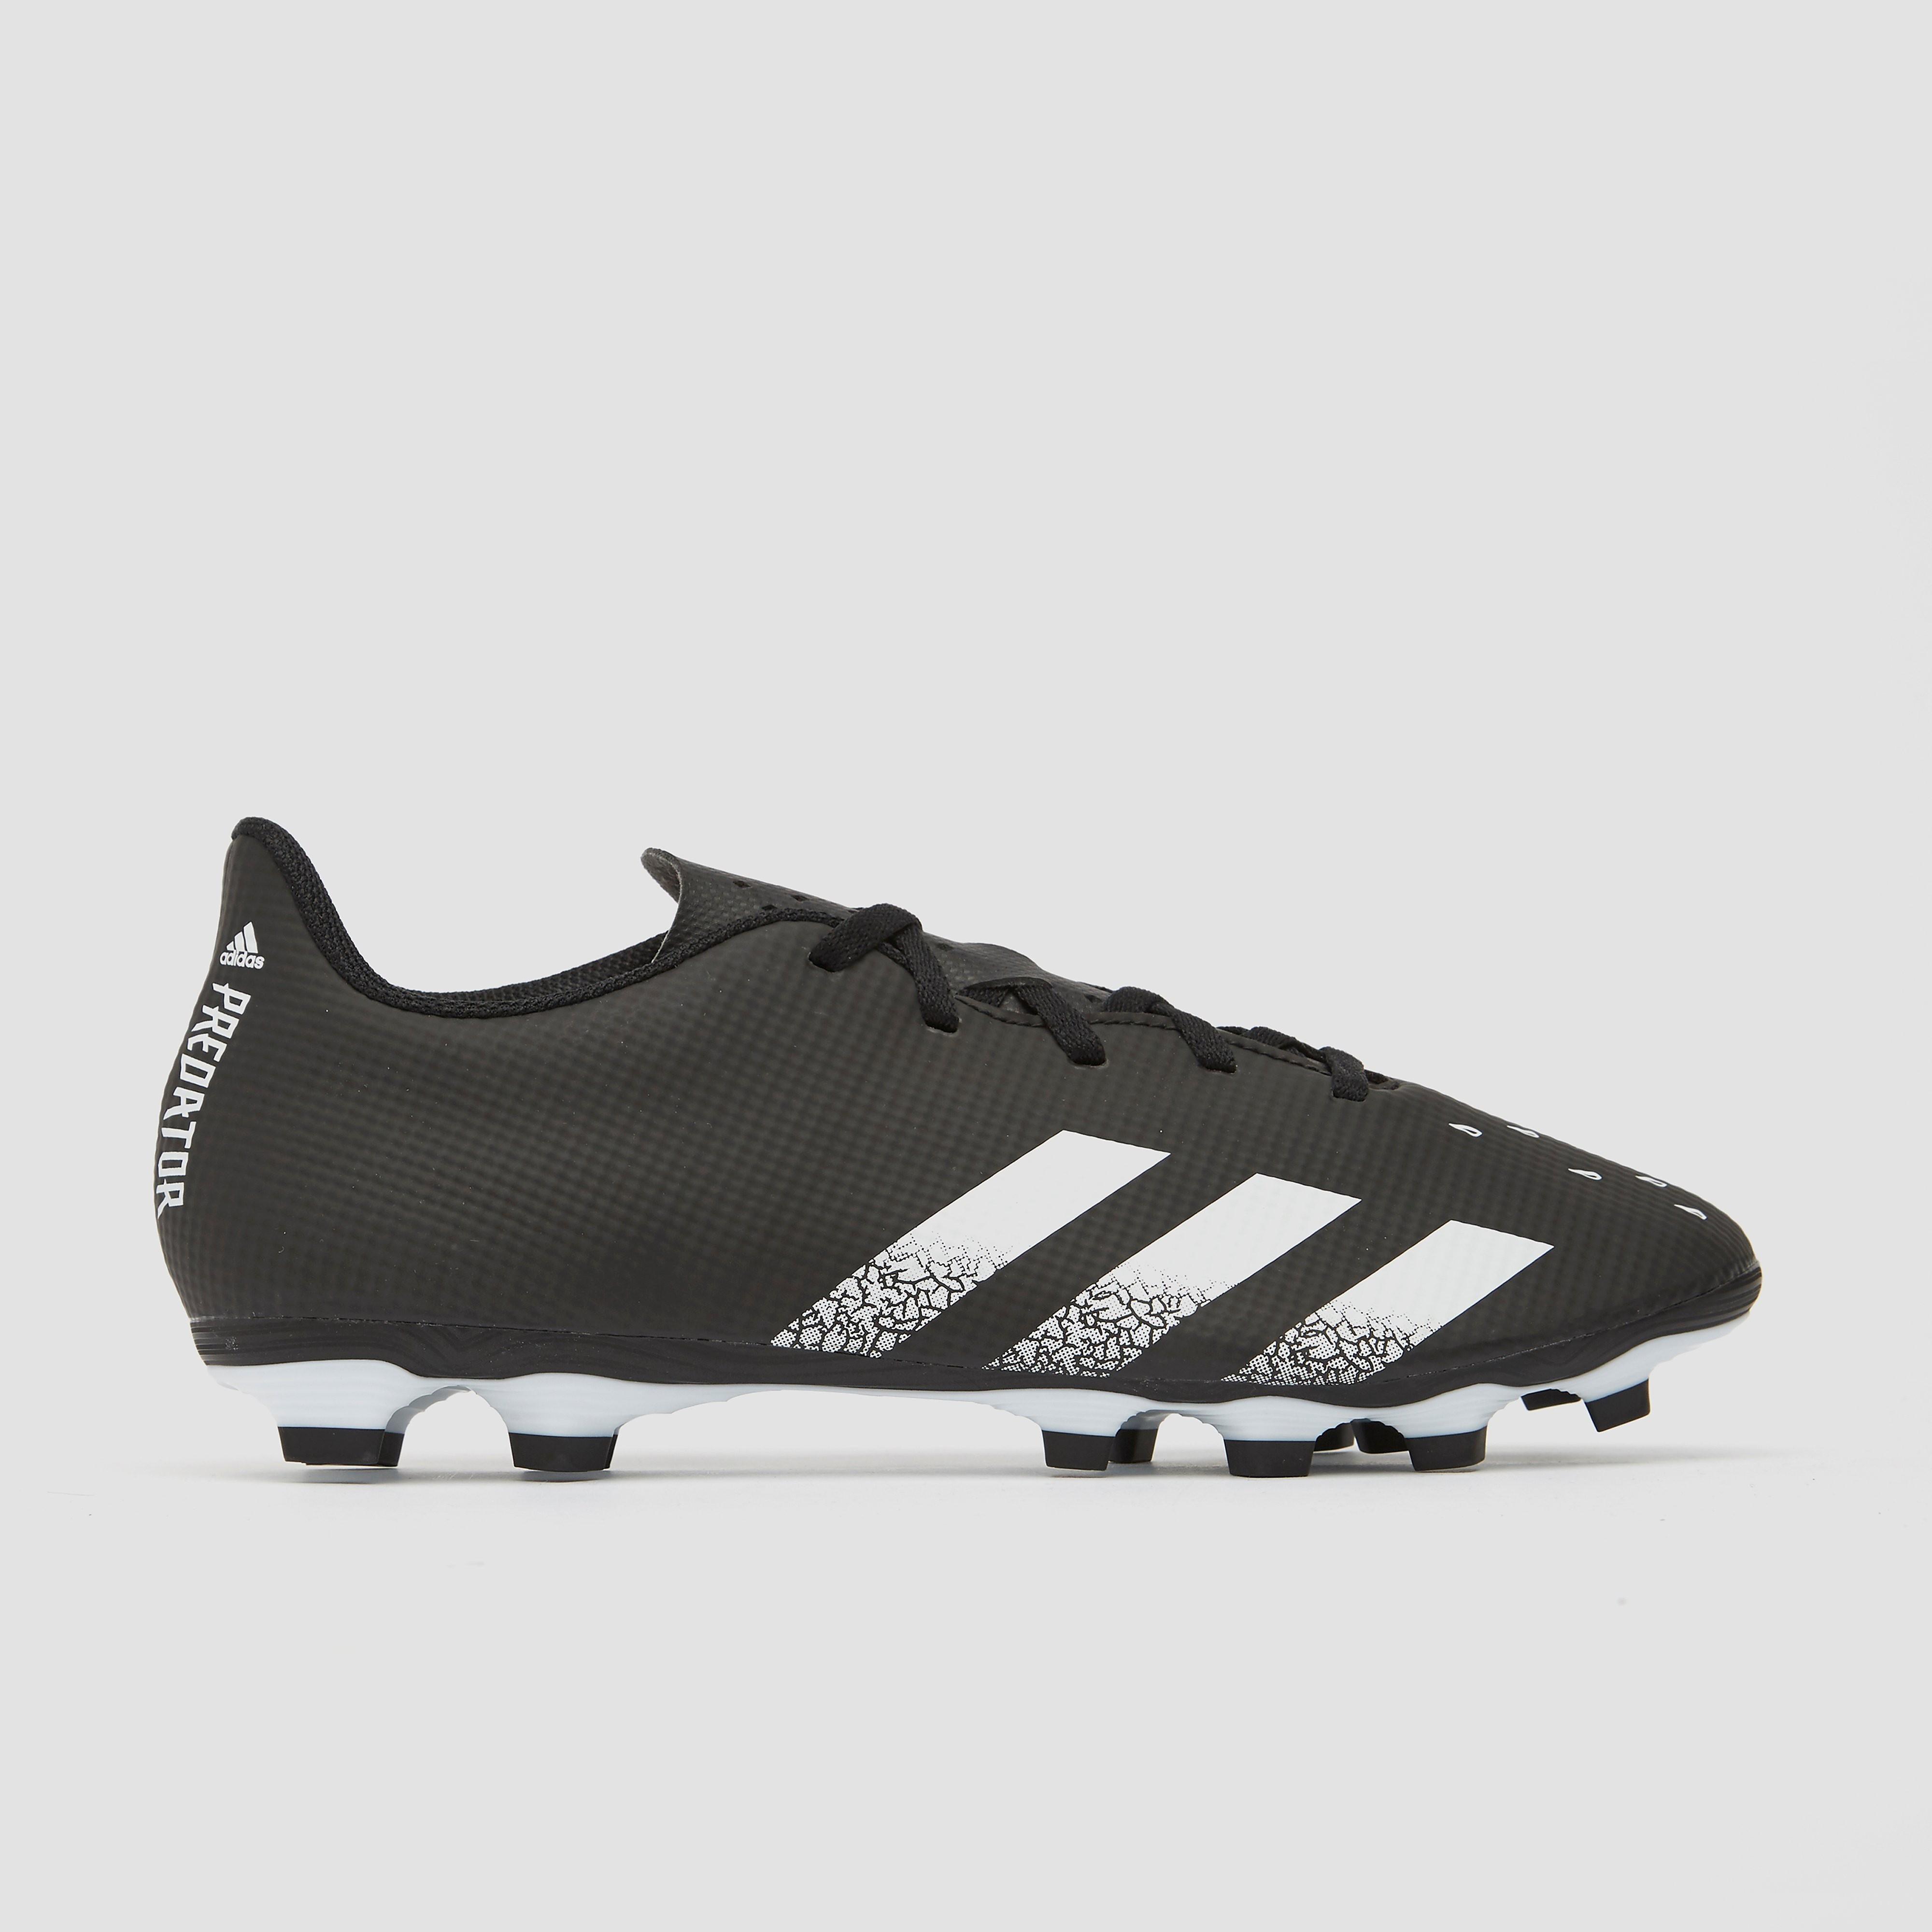 Adidas Predator freak.4 fxg voetbalschoenen zwart Dames